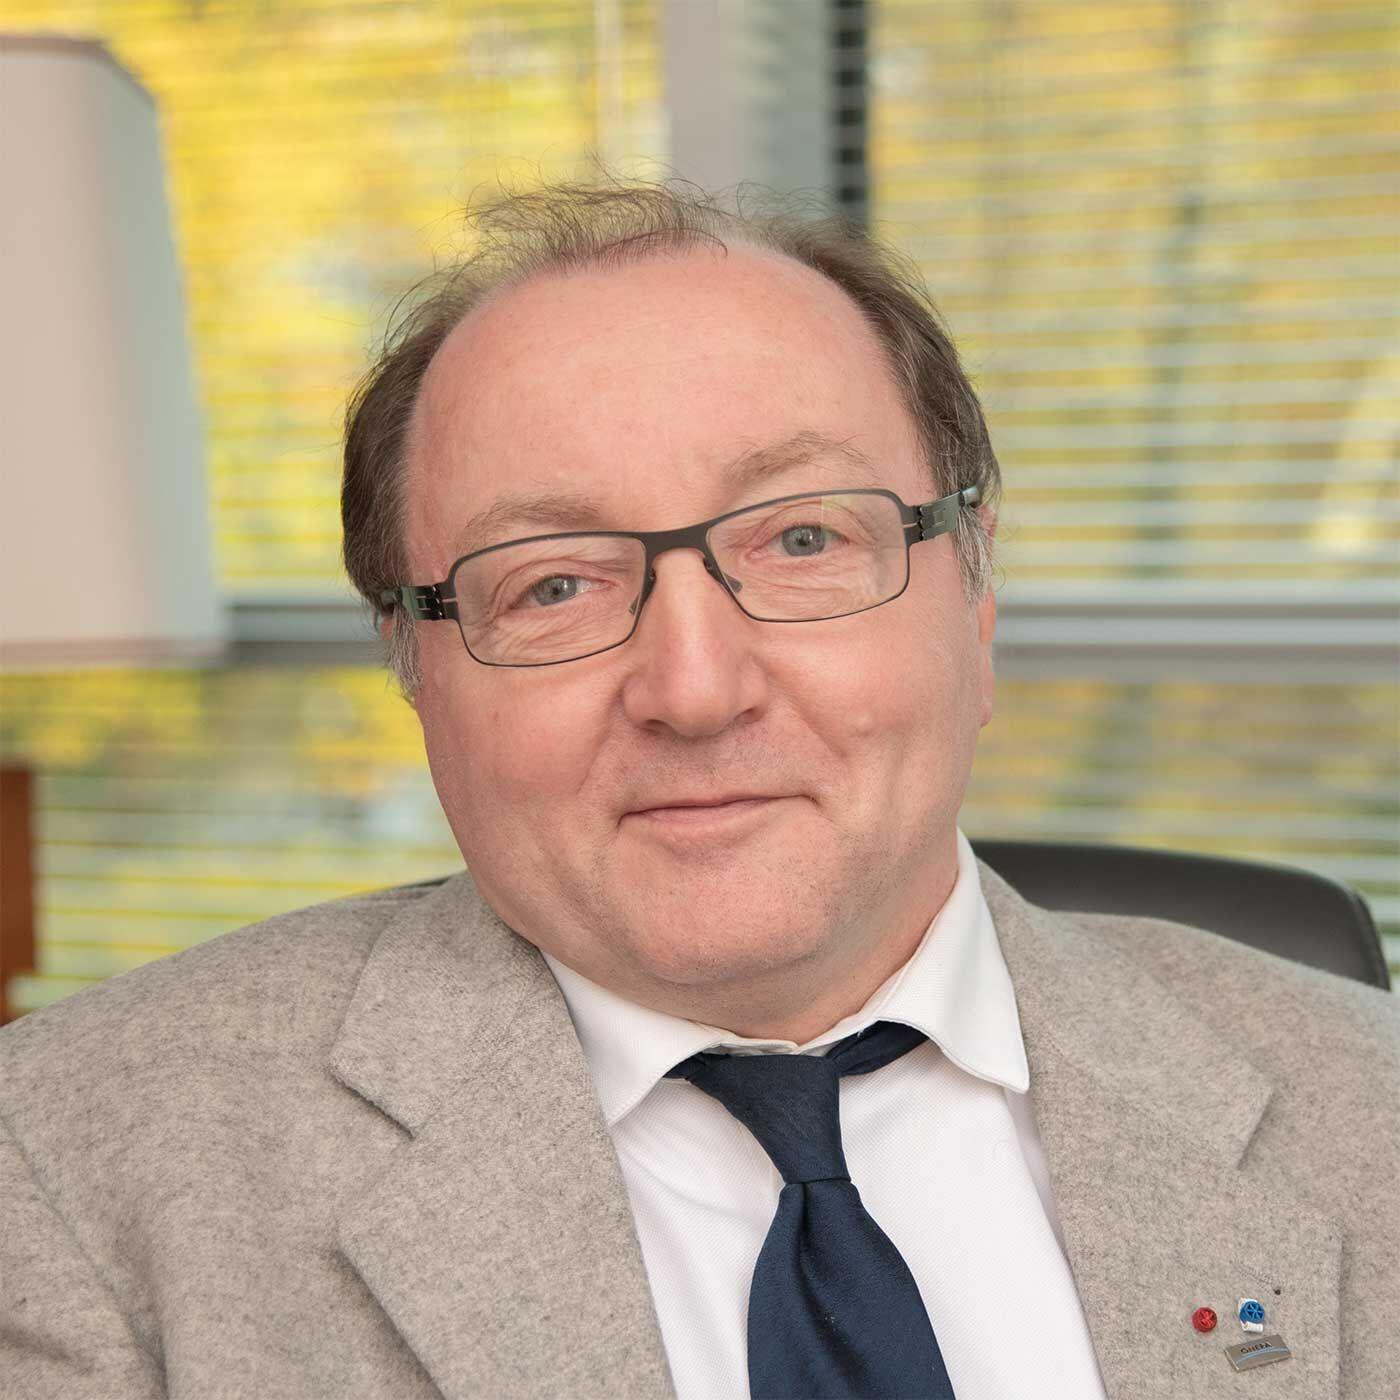 Deuxième partie de l'entretien avec Bruno Sainjon, Président Directeur général de l'Onera